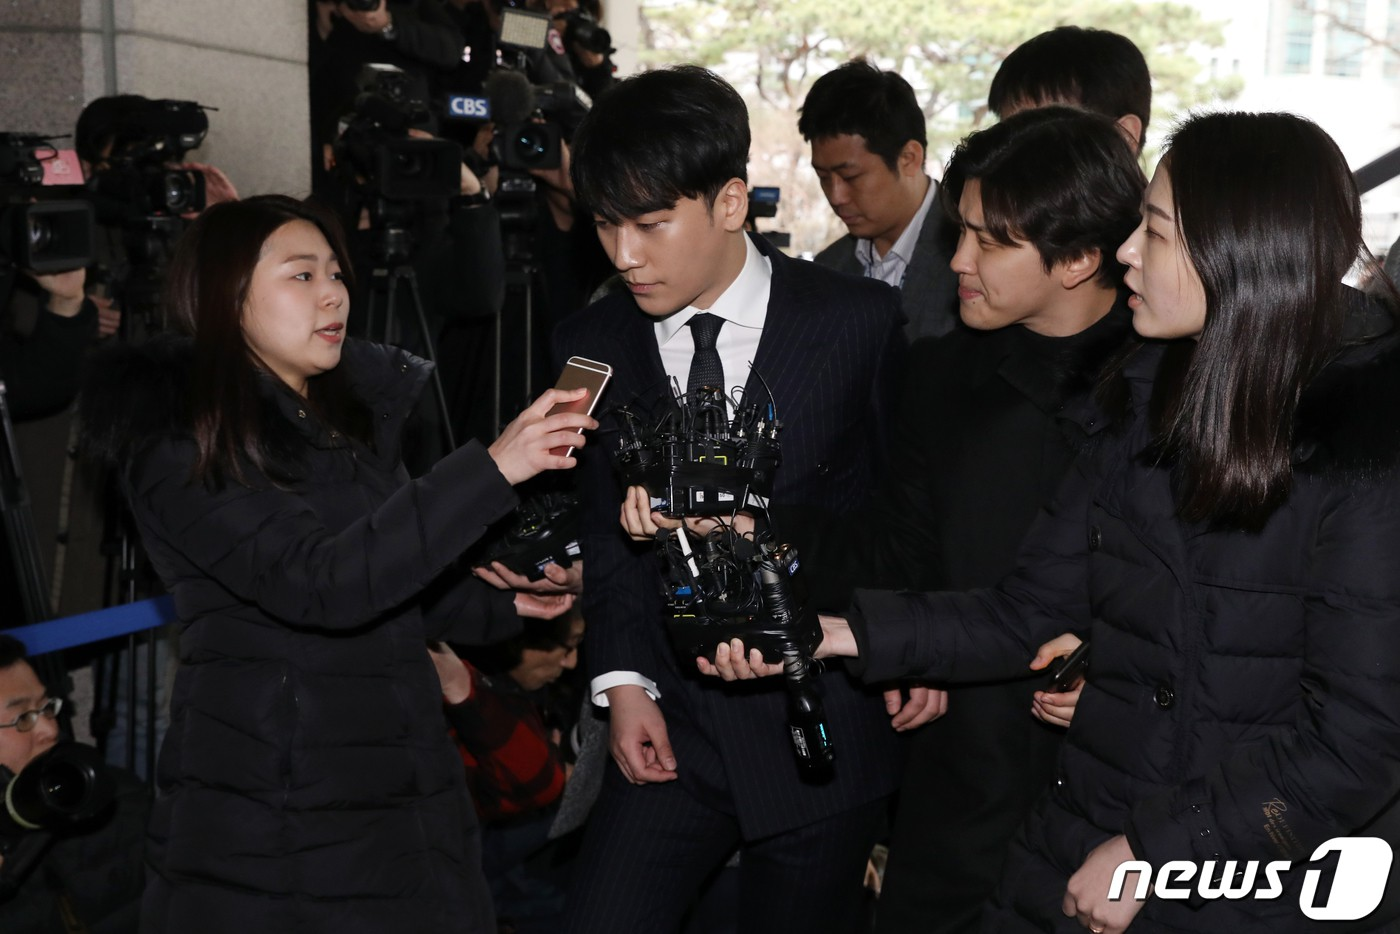 Clip Seungri chính thức trình diện để thẩm vấn: Vẫn đi xe sang nhưng tiều tuỵ hẳn, mắt đỏ rưng rưng xin lỗi nạn nhân - Ảnh 19.